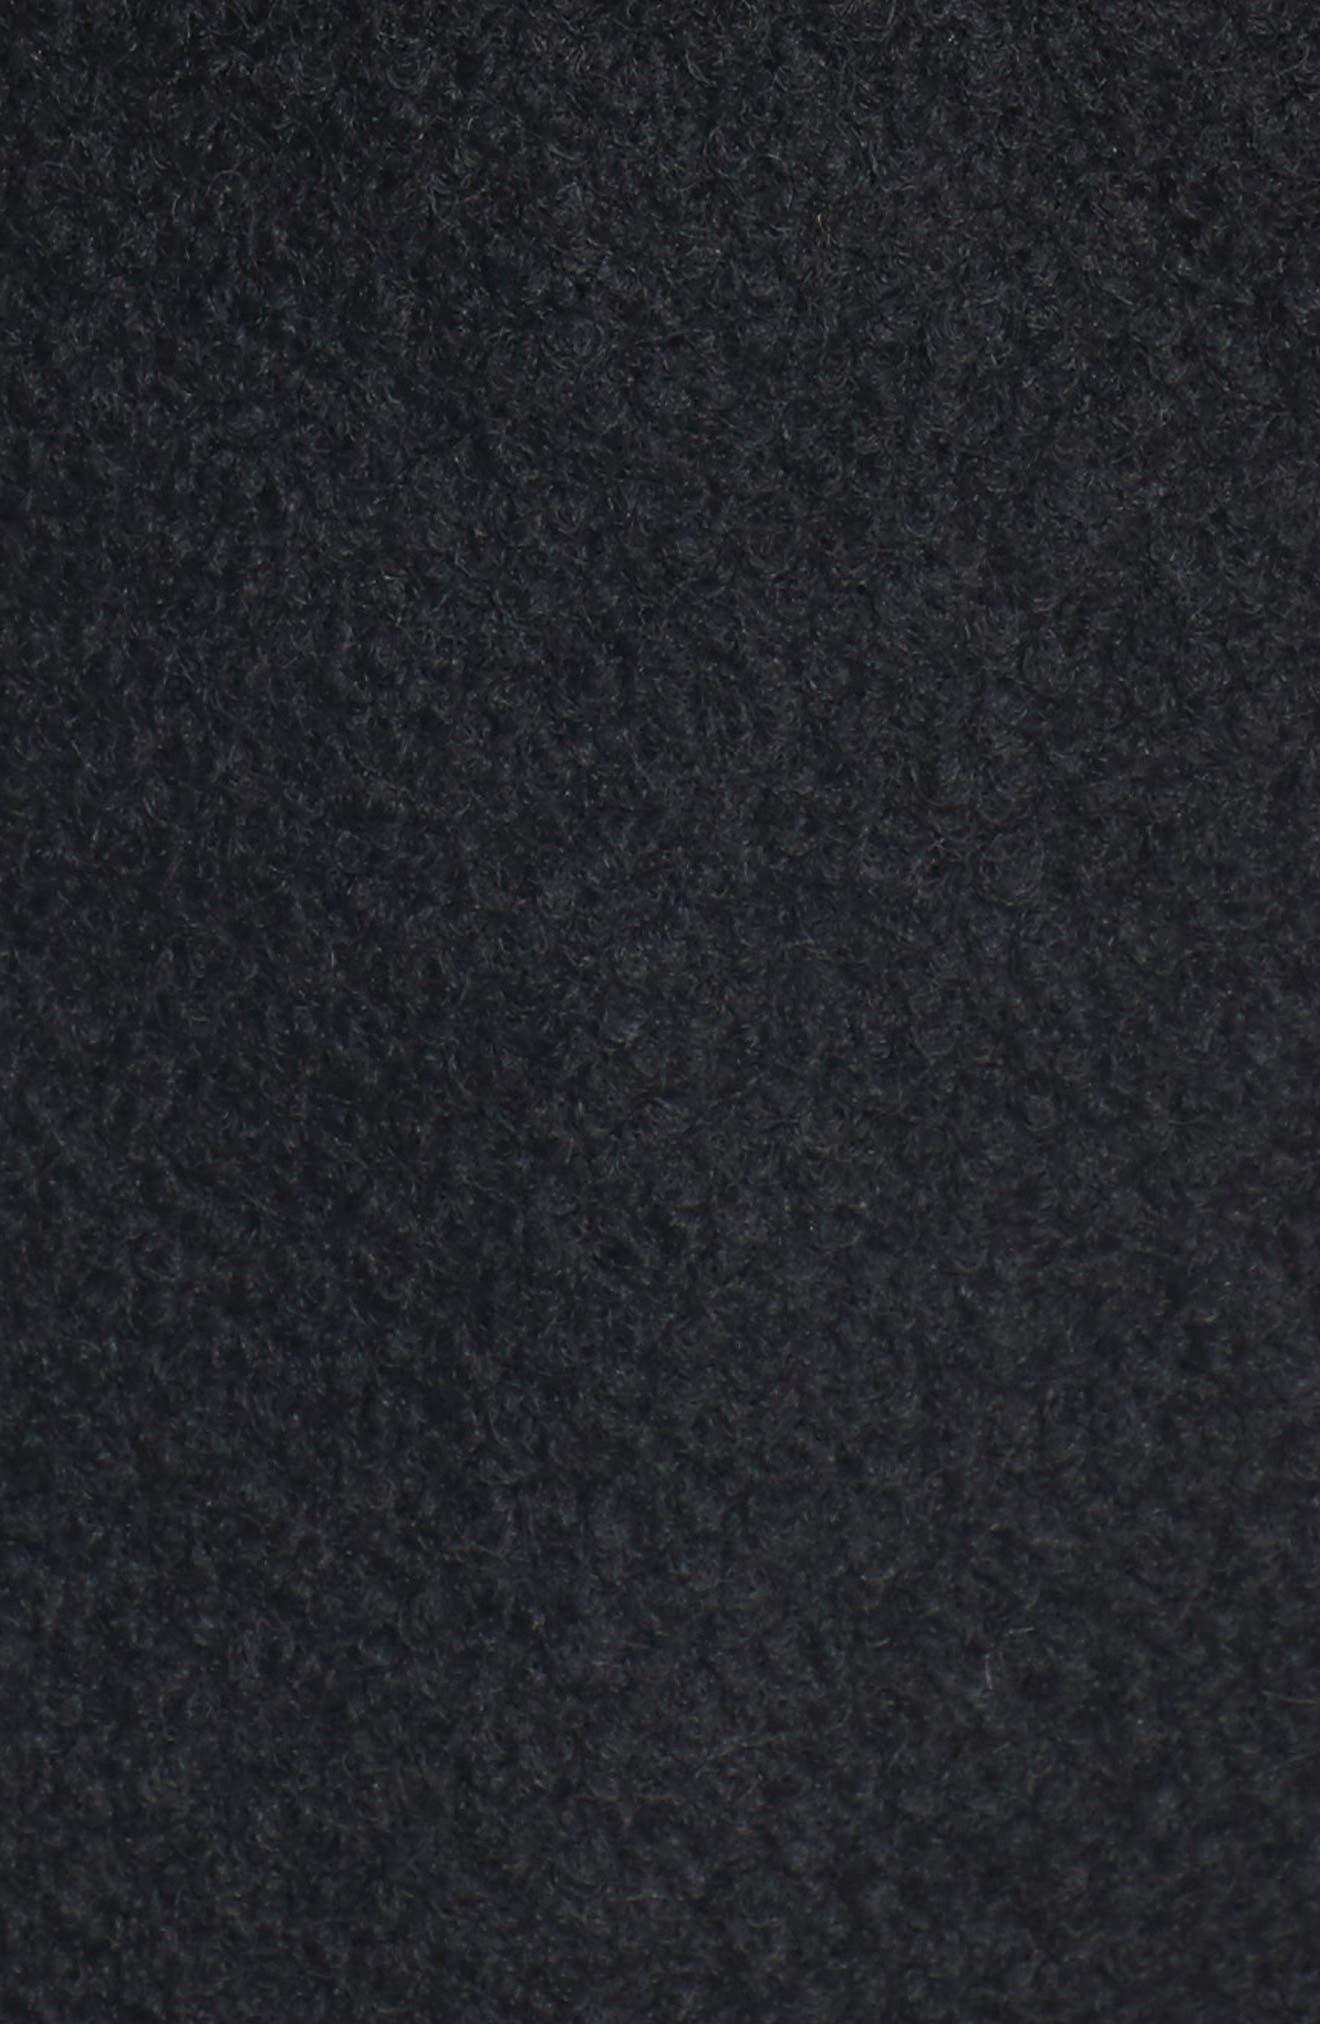 Hooded Wool Blend Bouclé Jacket with Faux Fur Trim,                             Alternate thumbnail 5, color,                             Black